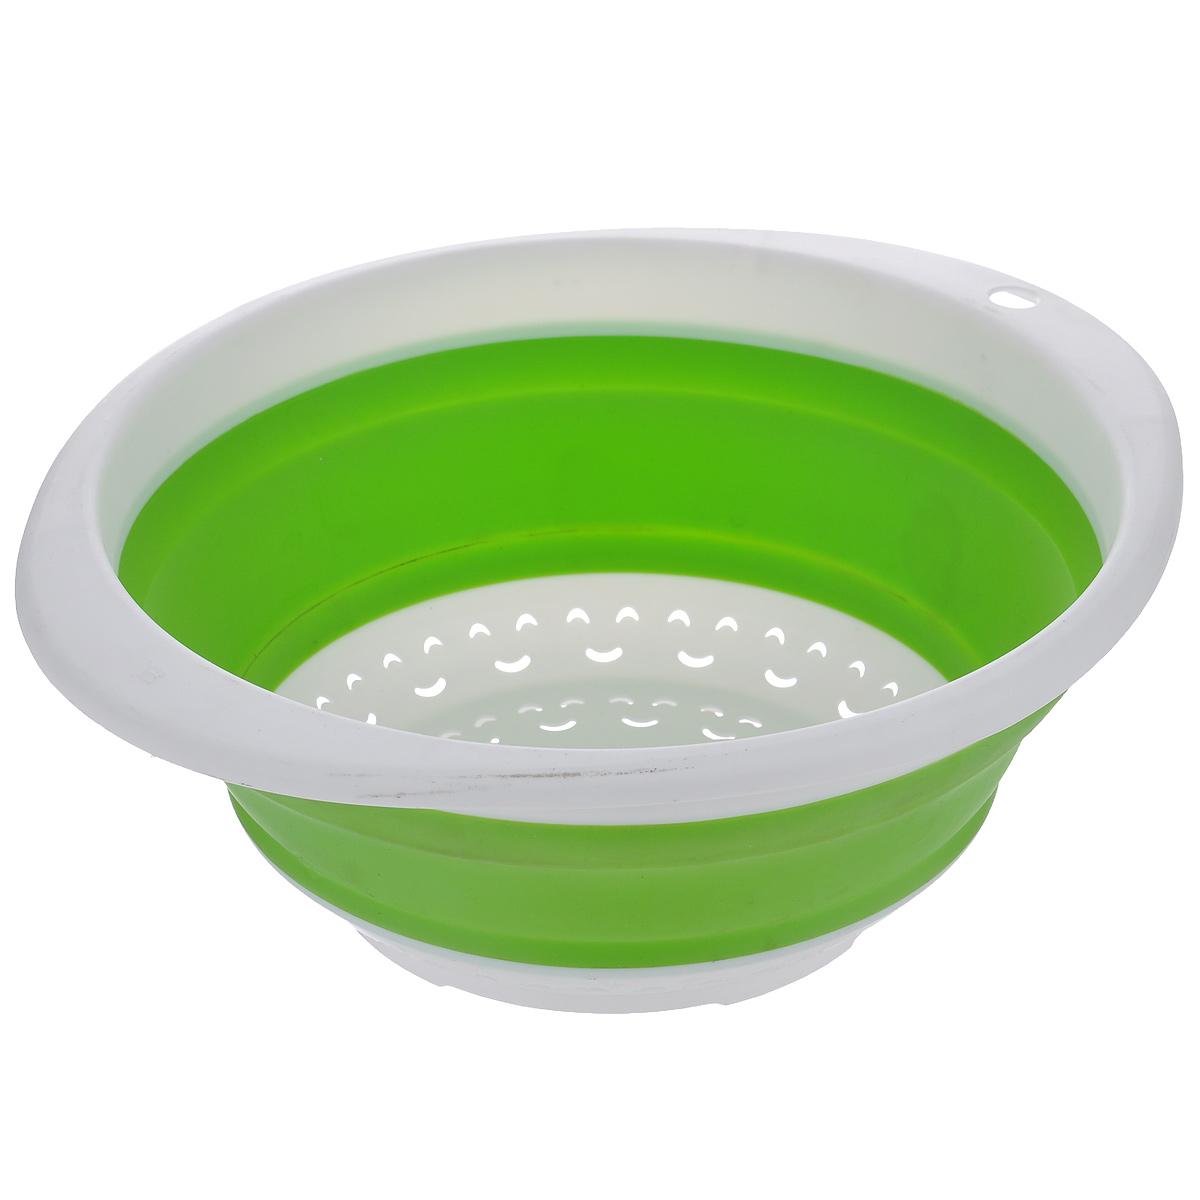 Дуршлаг складной Oriental Way, цвет: белый, салатовый, 30 см х 27 см